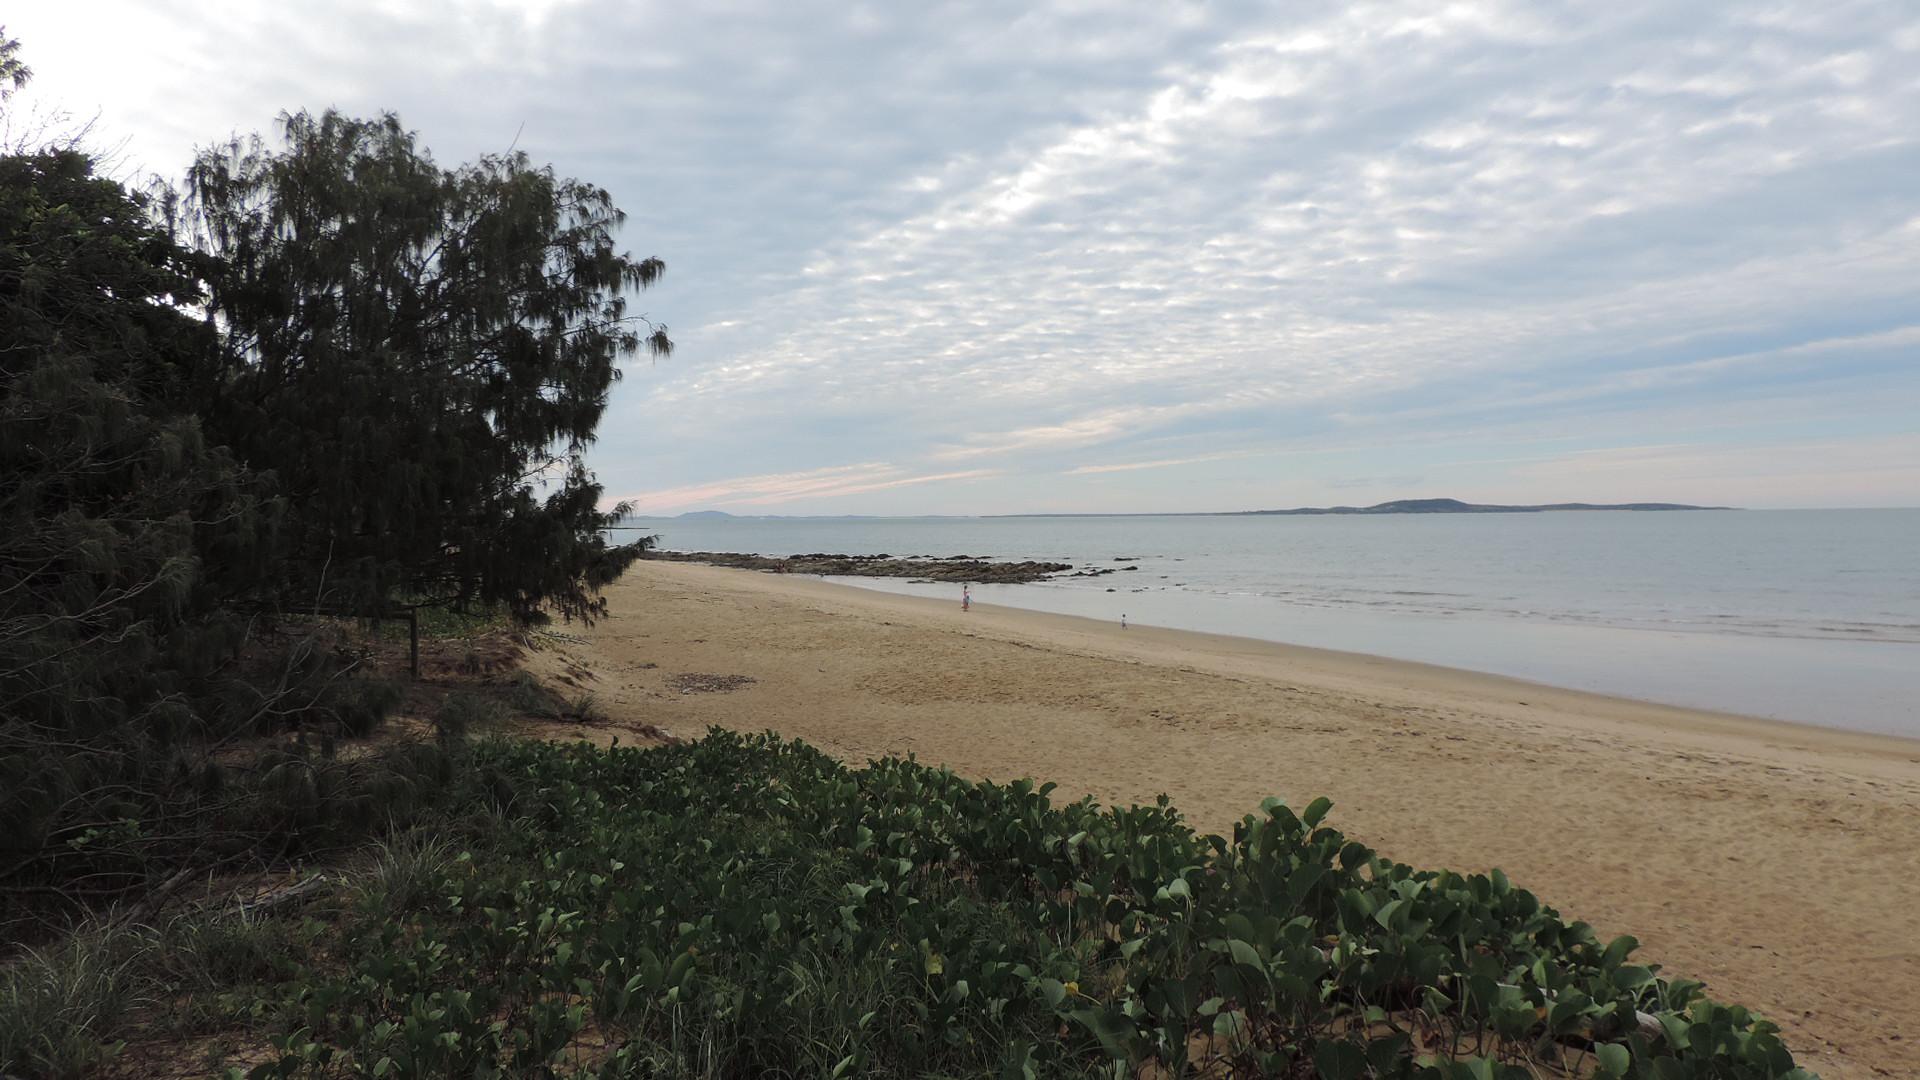 Tannum beach